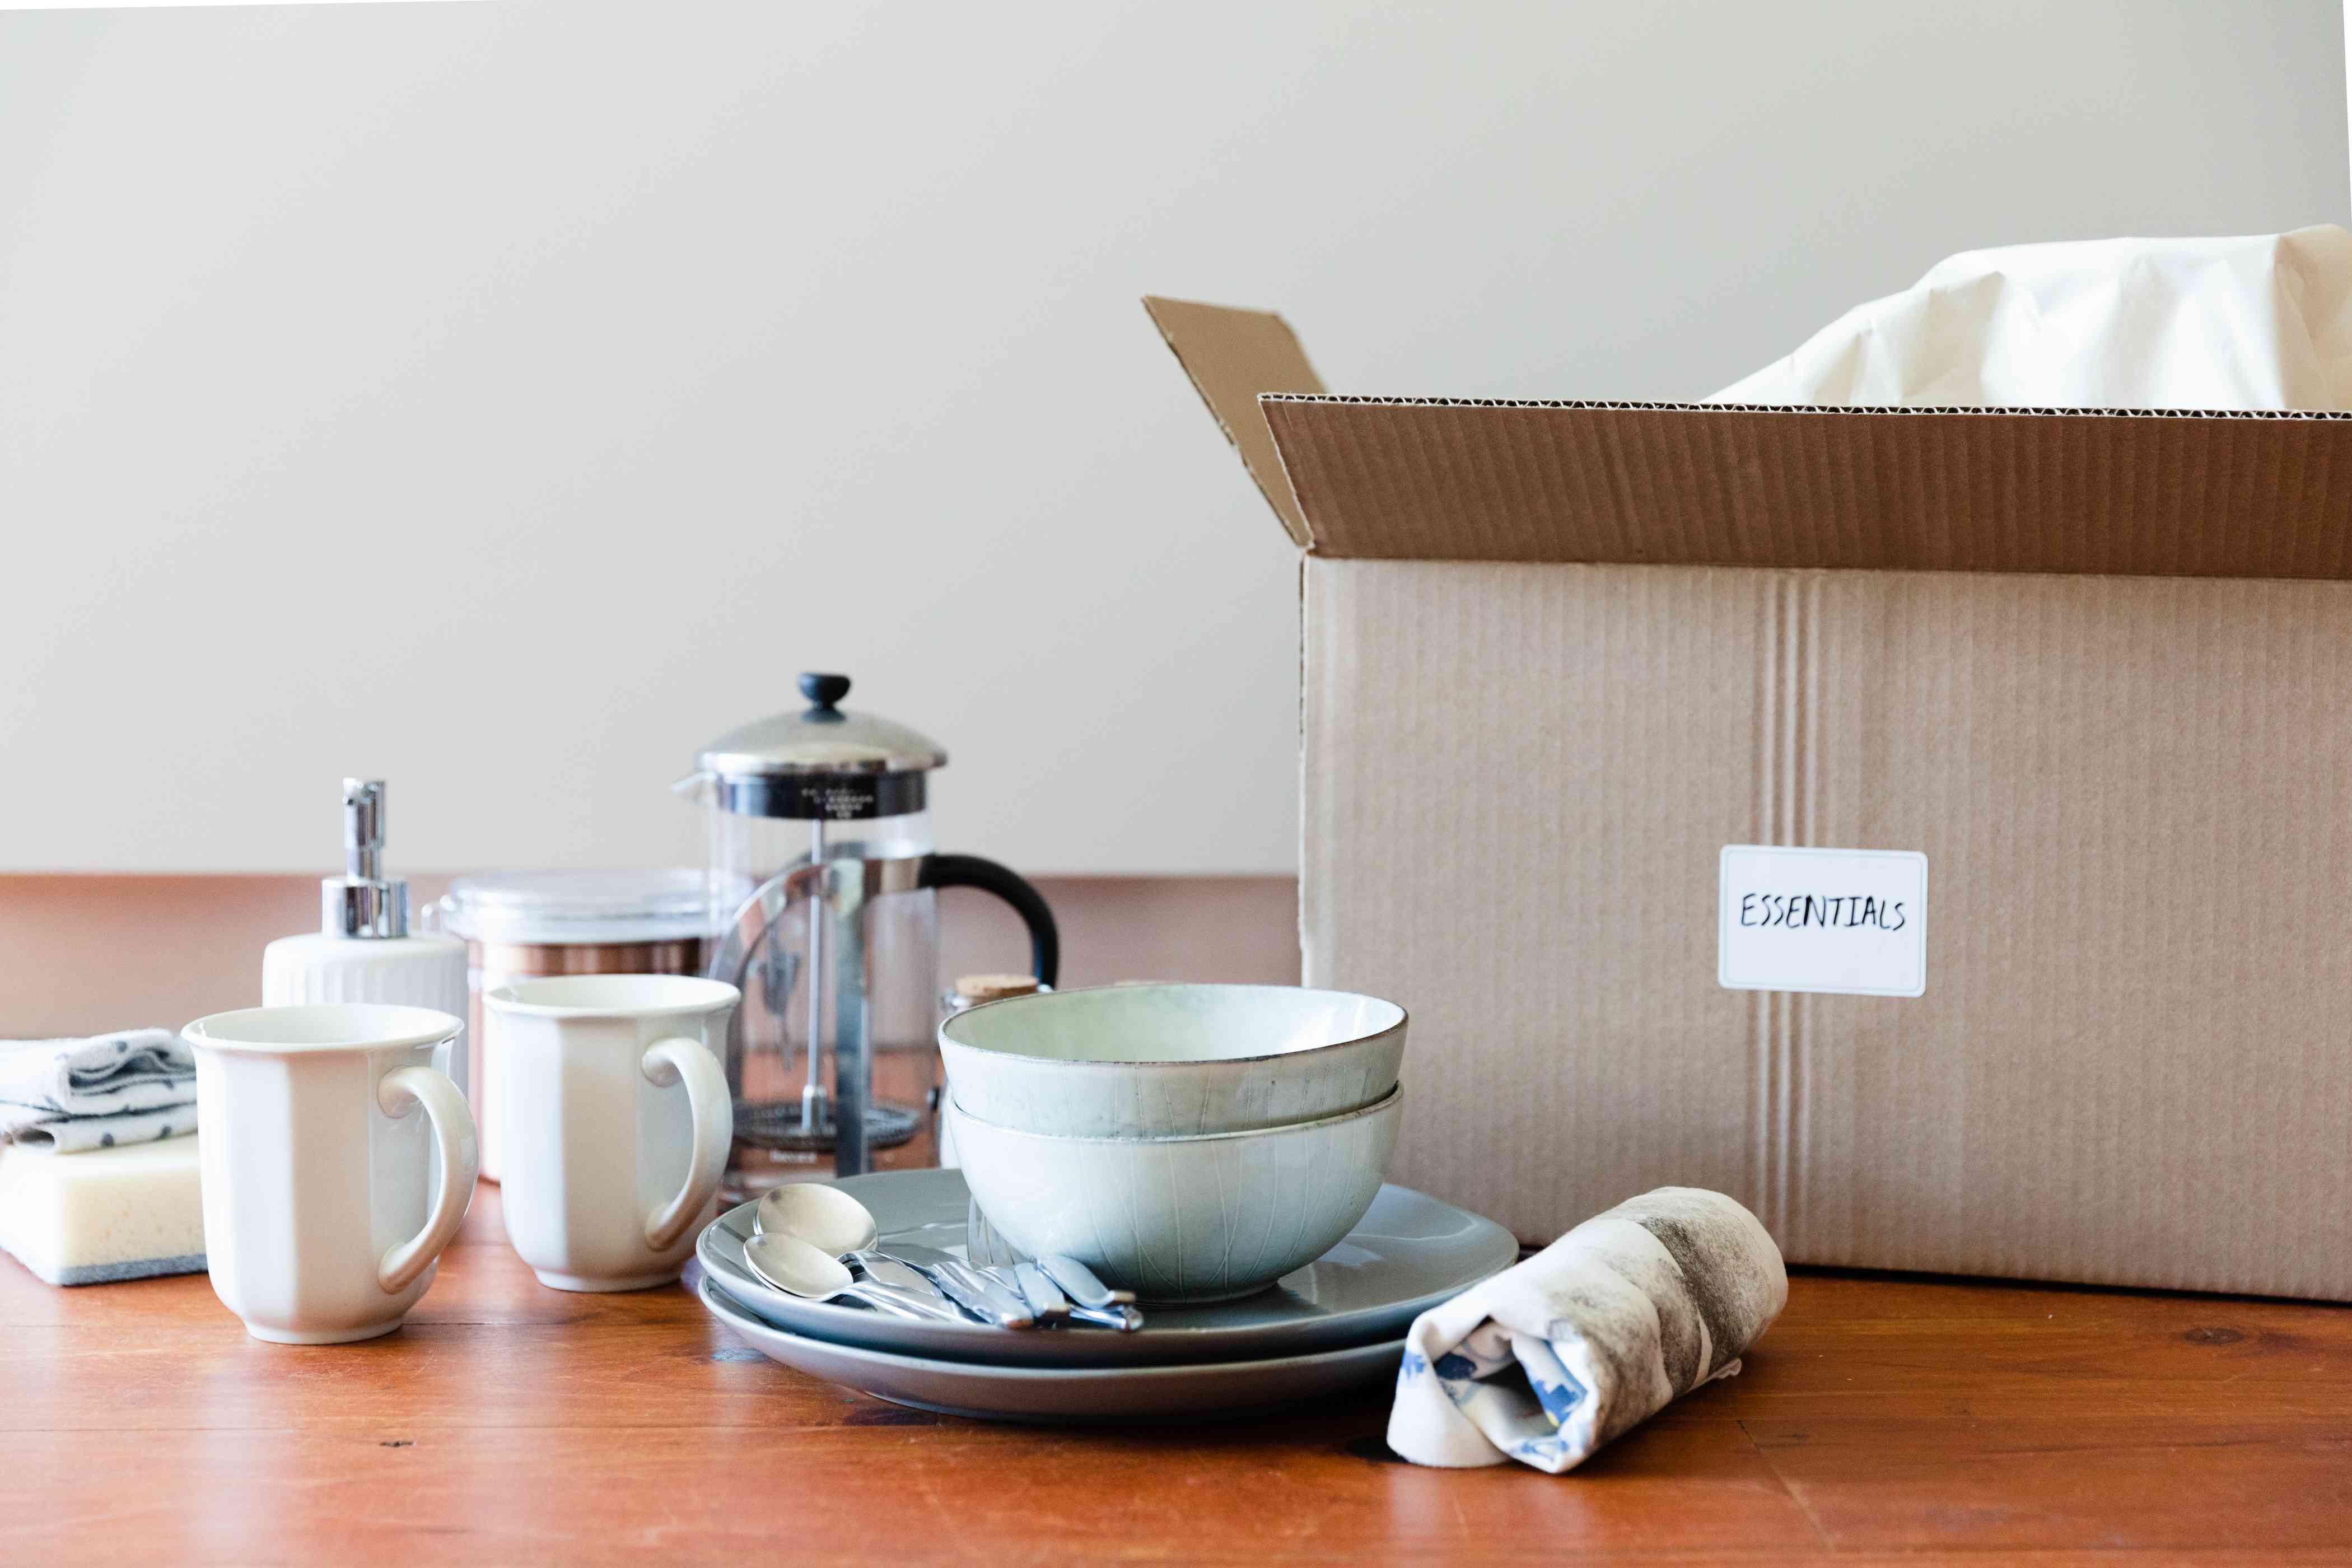 preparing a kitchen essentials box